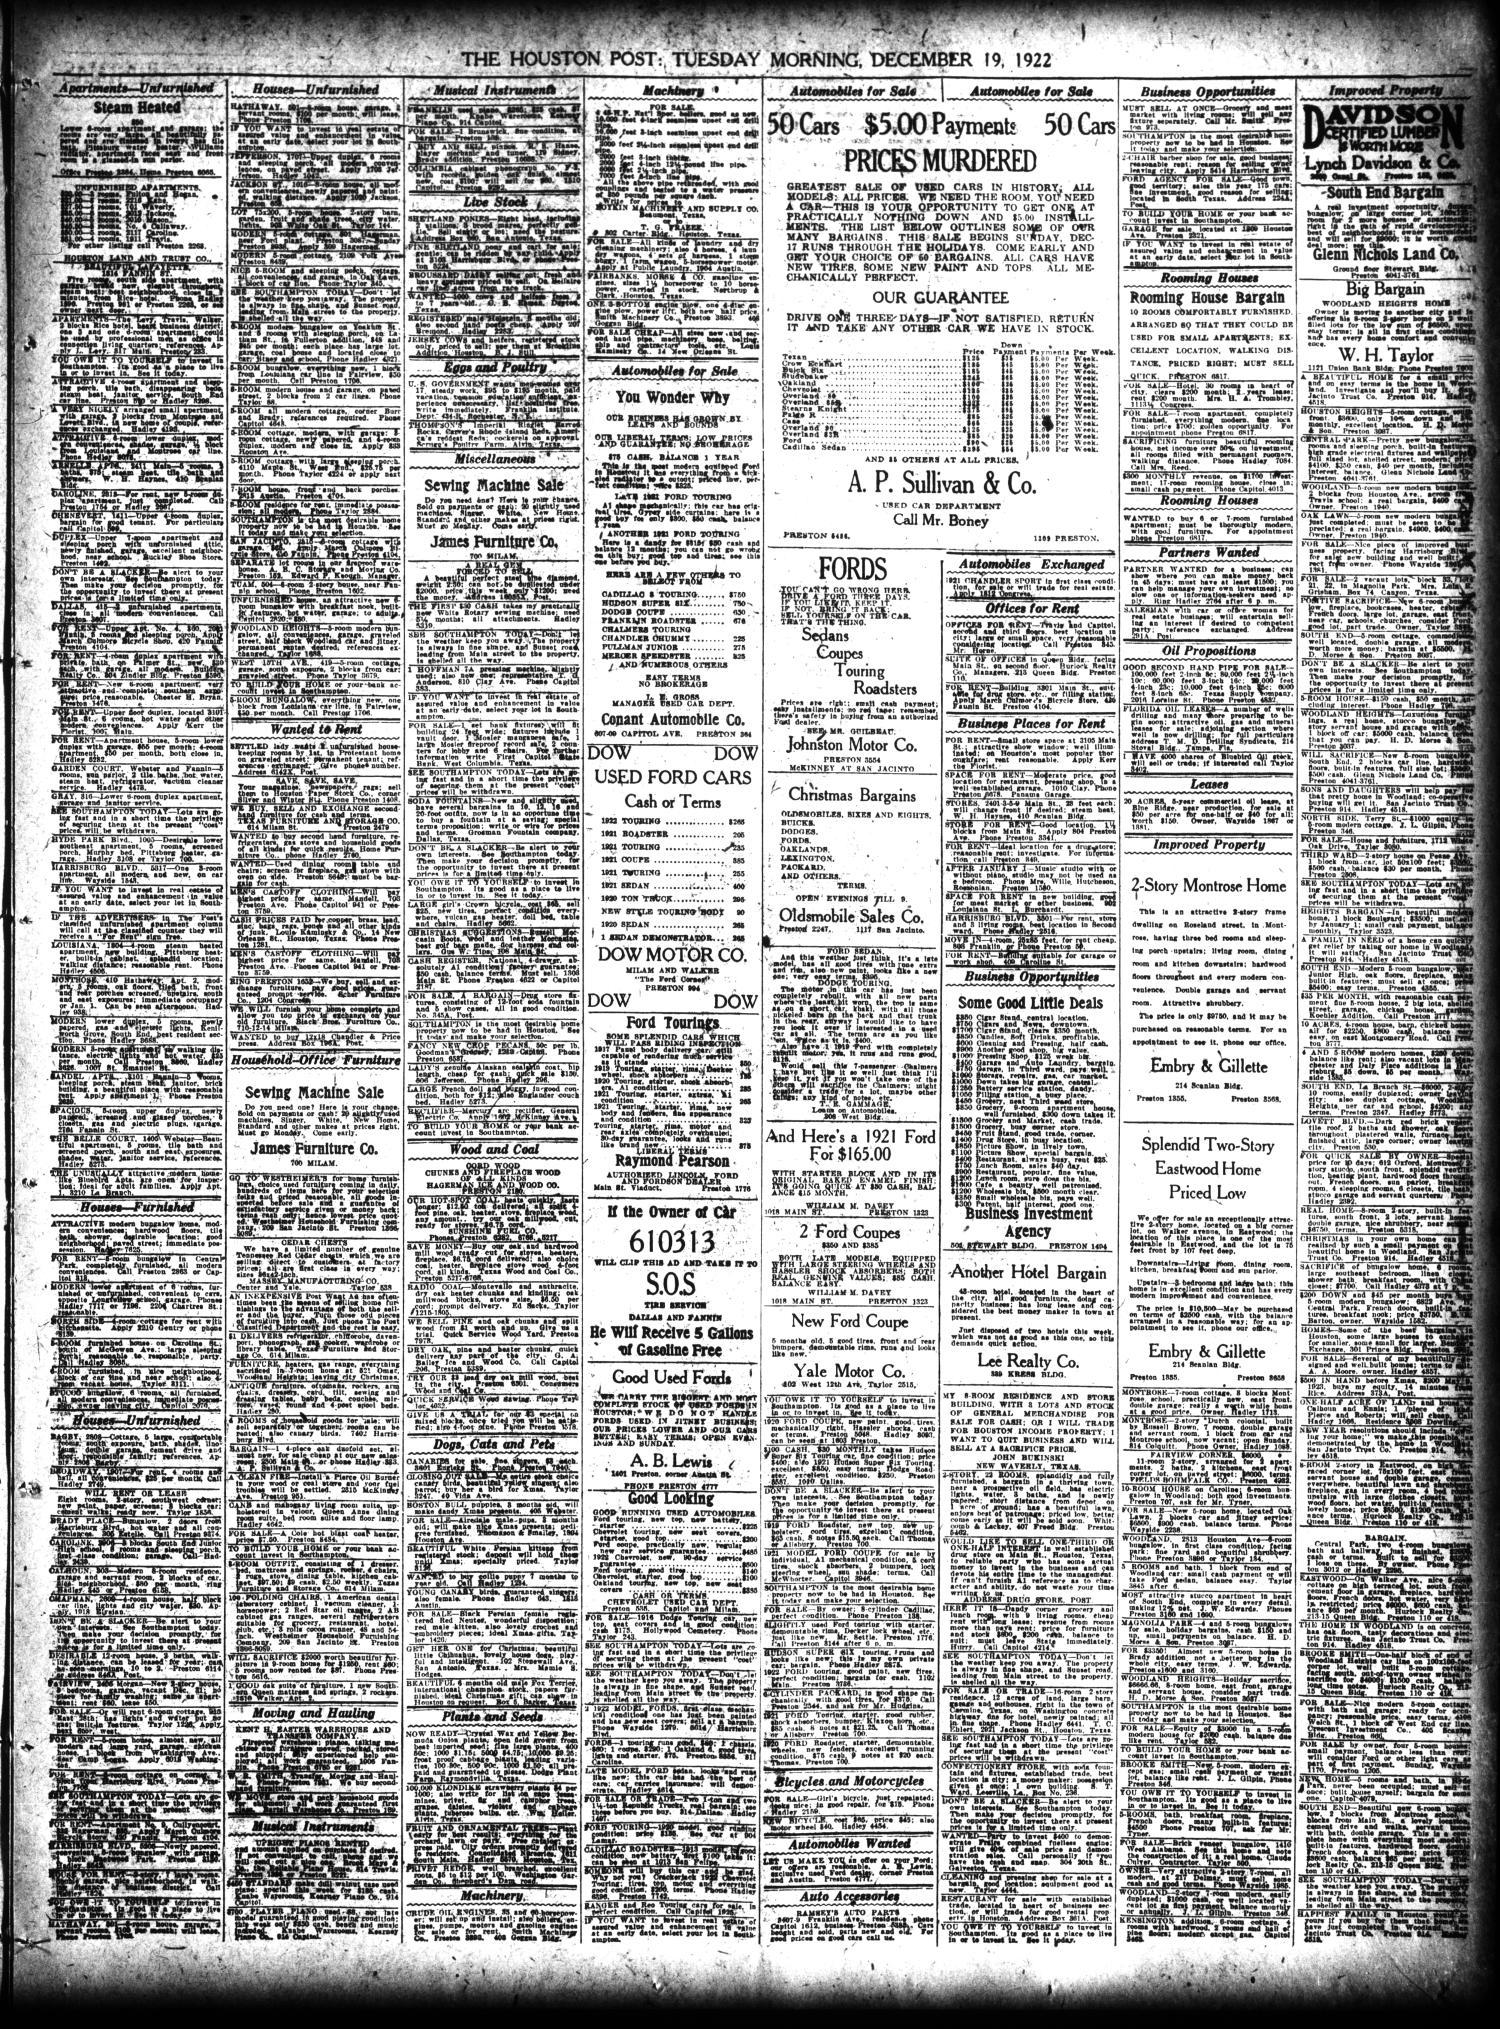 The Houston Post  (Houston, Tex ), Vol  38, No  259, Ed  1